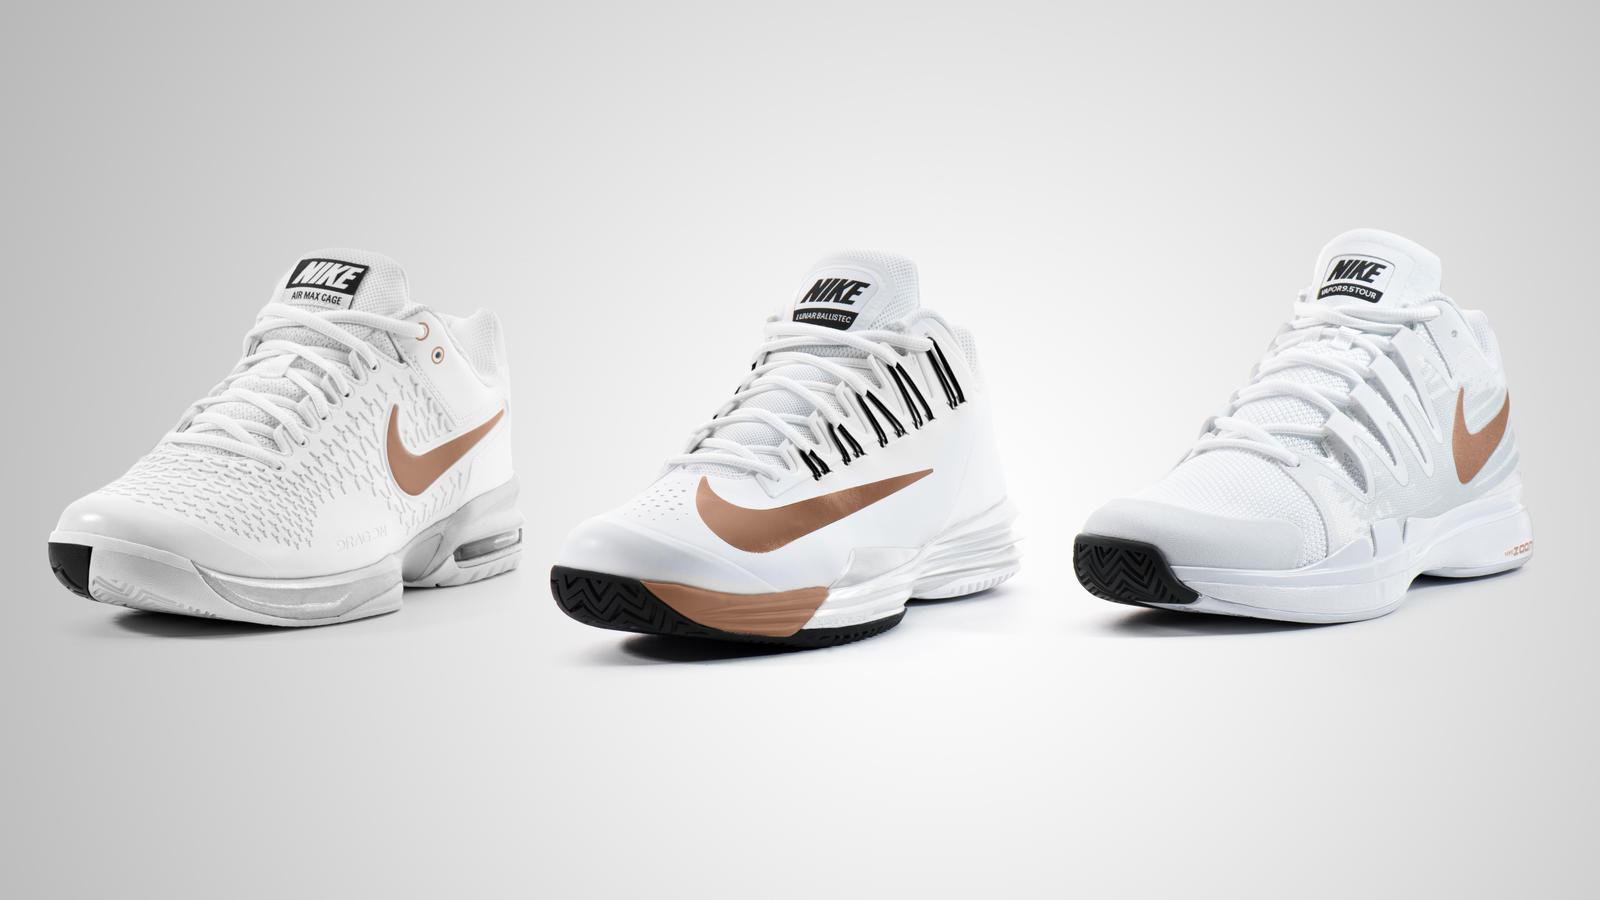 Nike Tennis Women's Footwear - London 2014